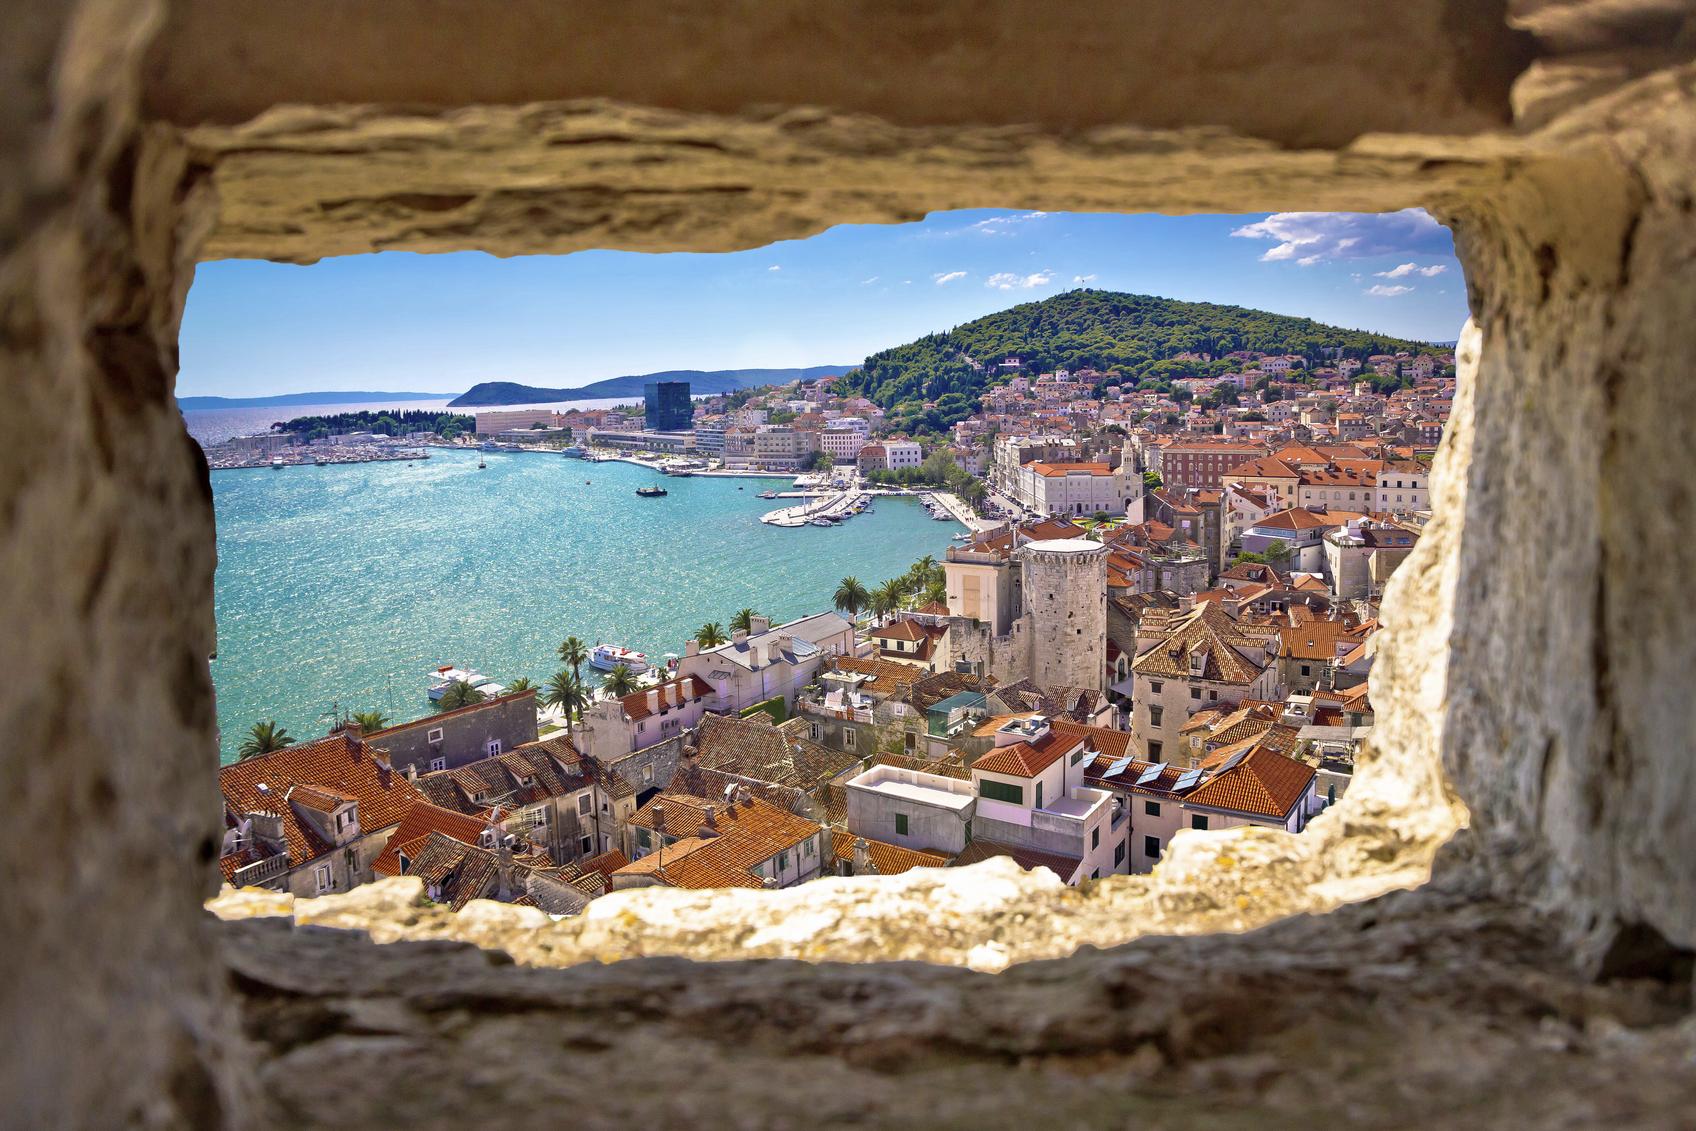 De prachtige omgeving van Split. (foto istock)